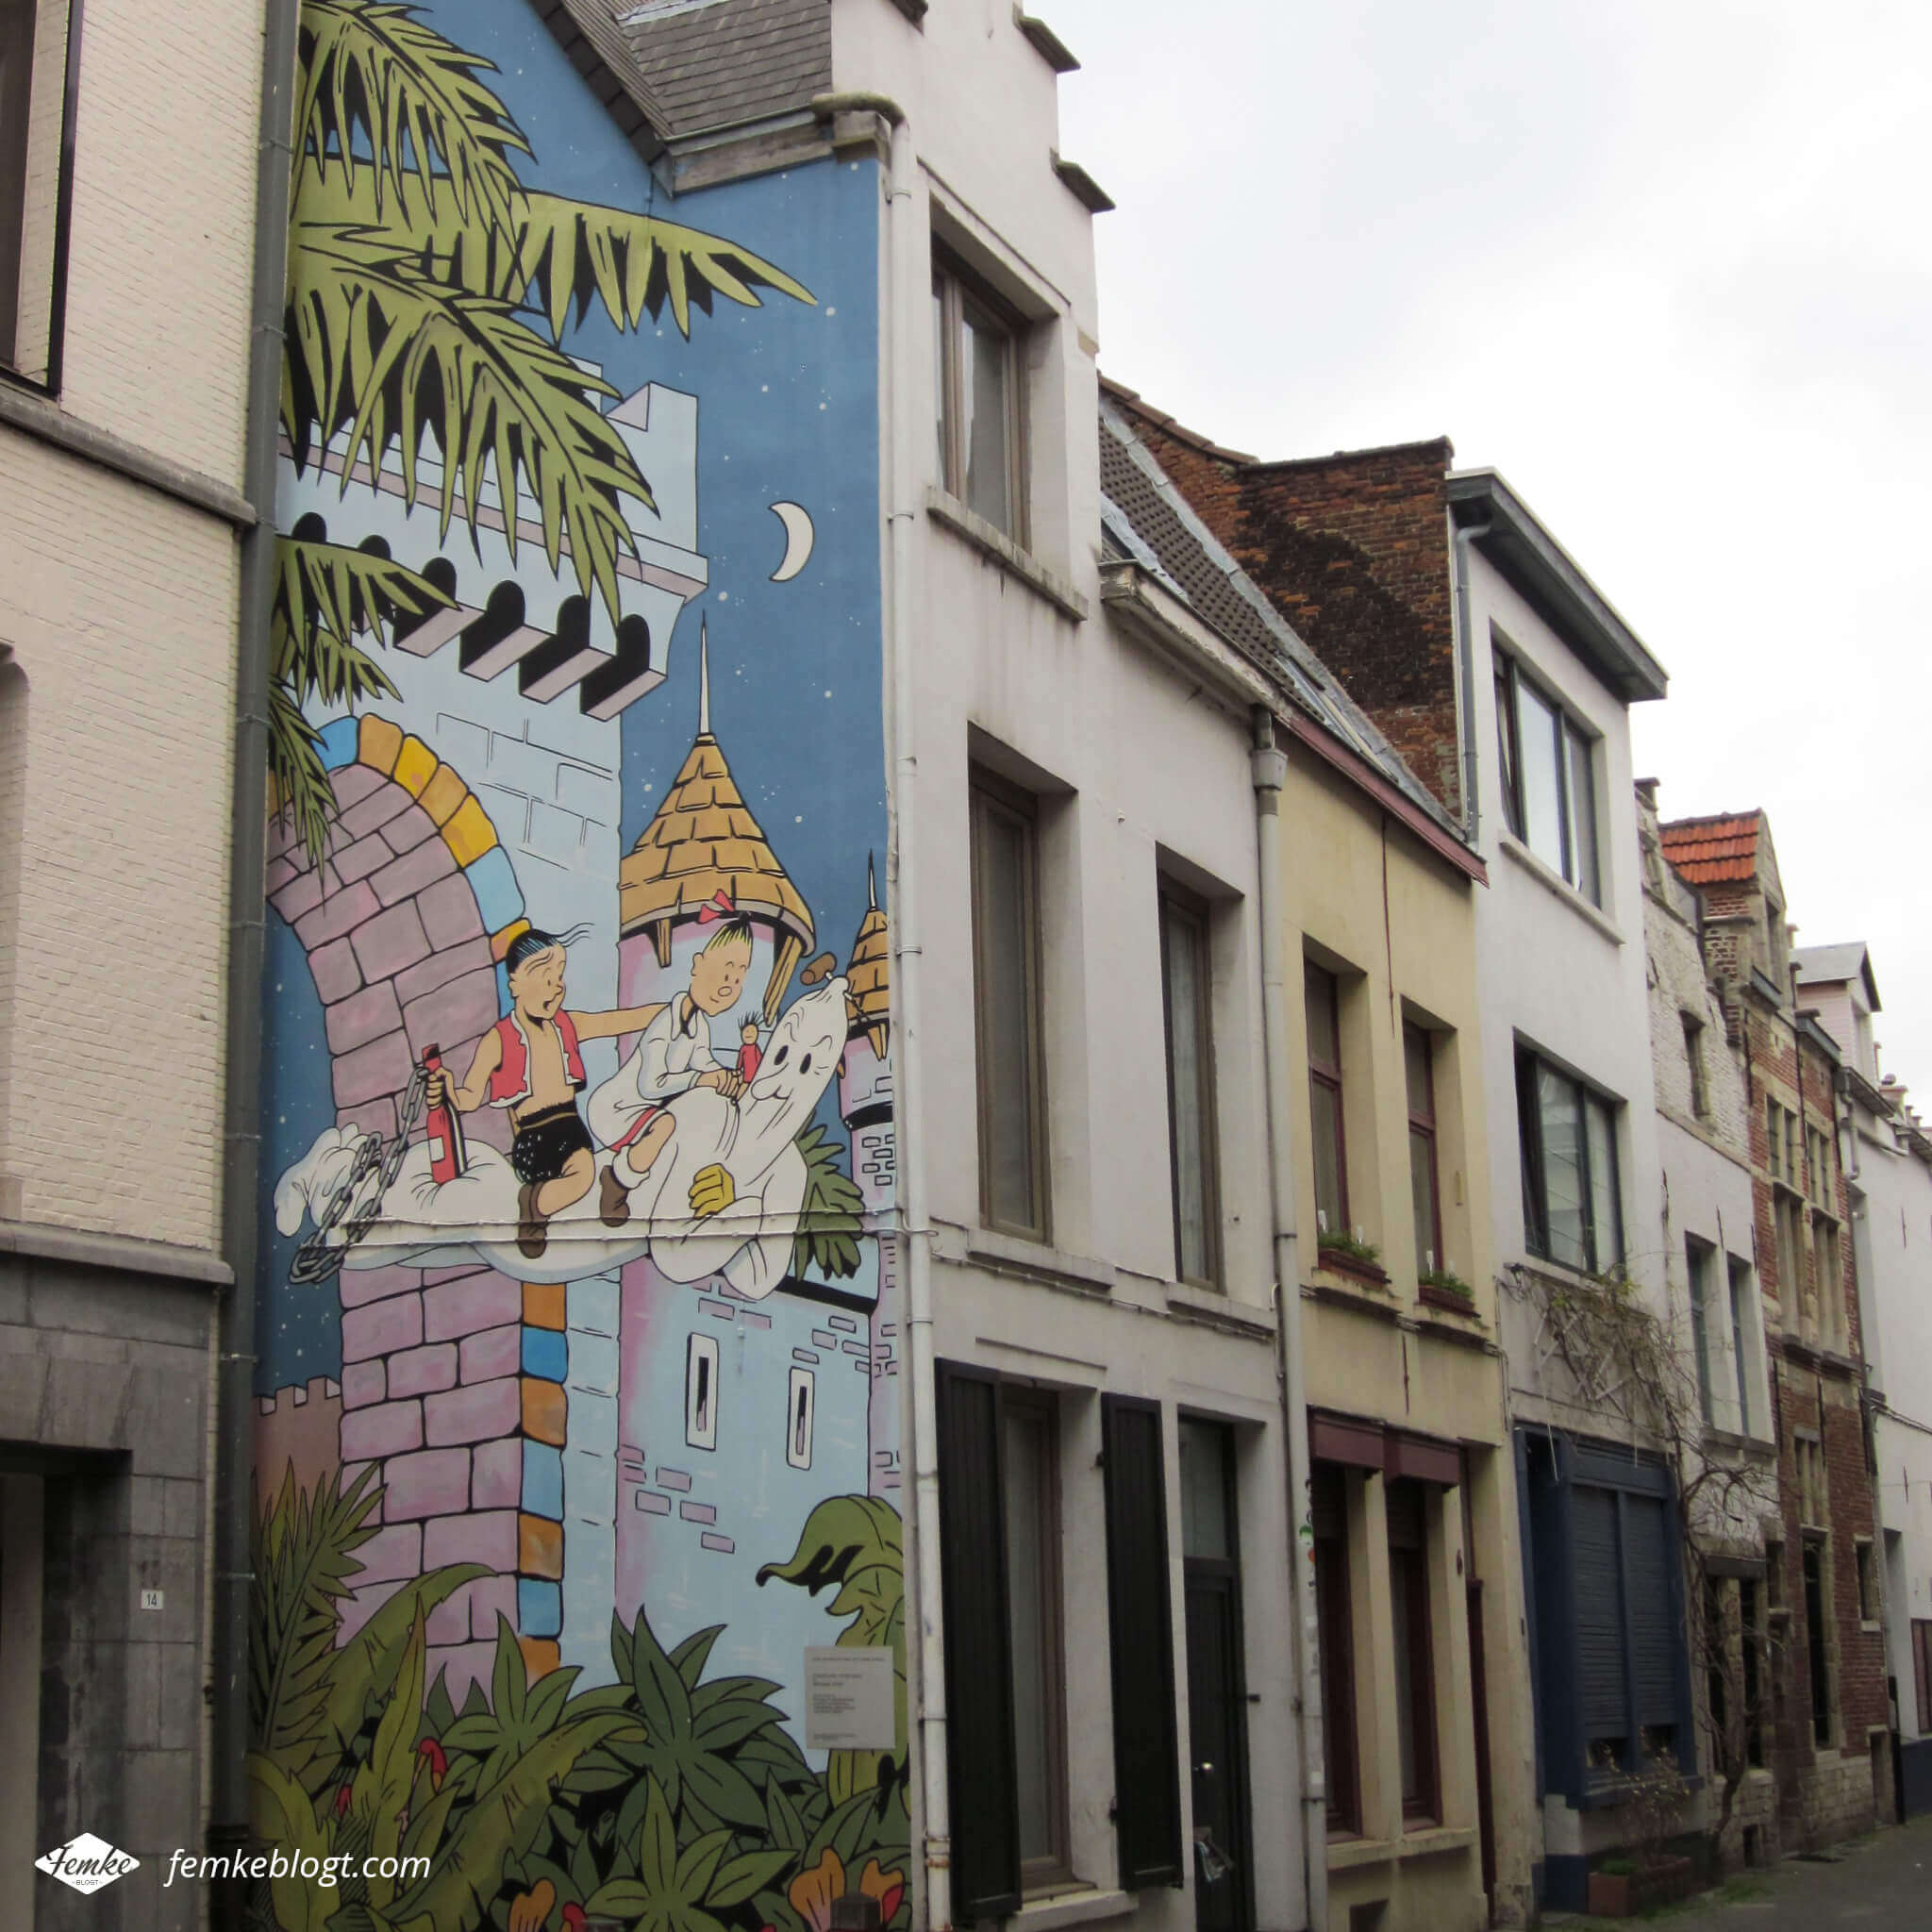 Streetart Antwerpen, Suske & Wiske